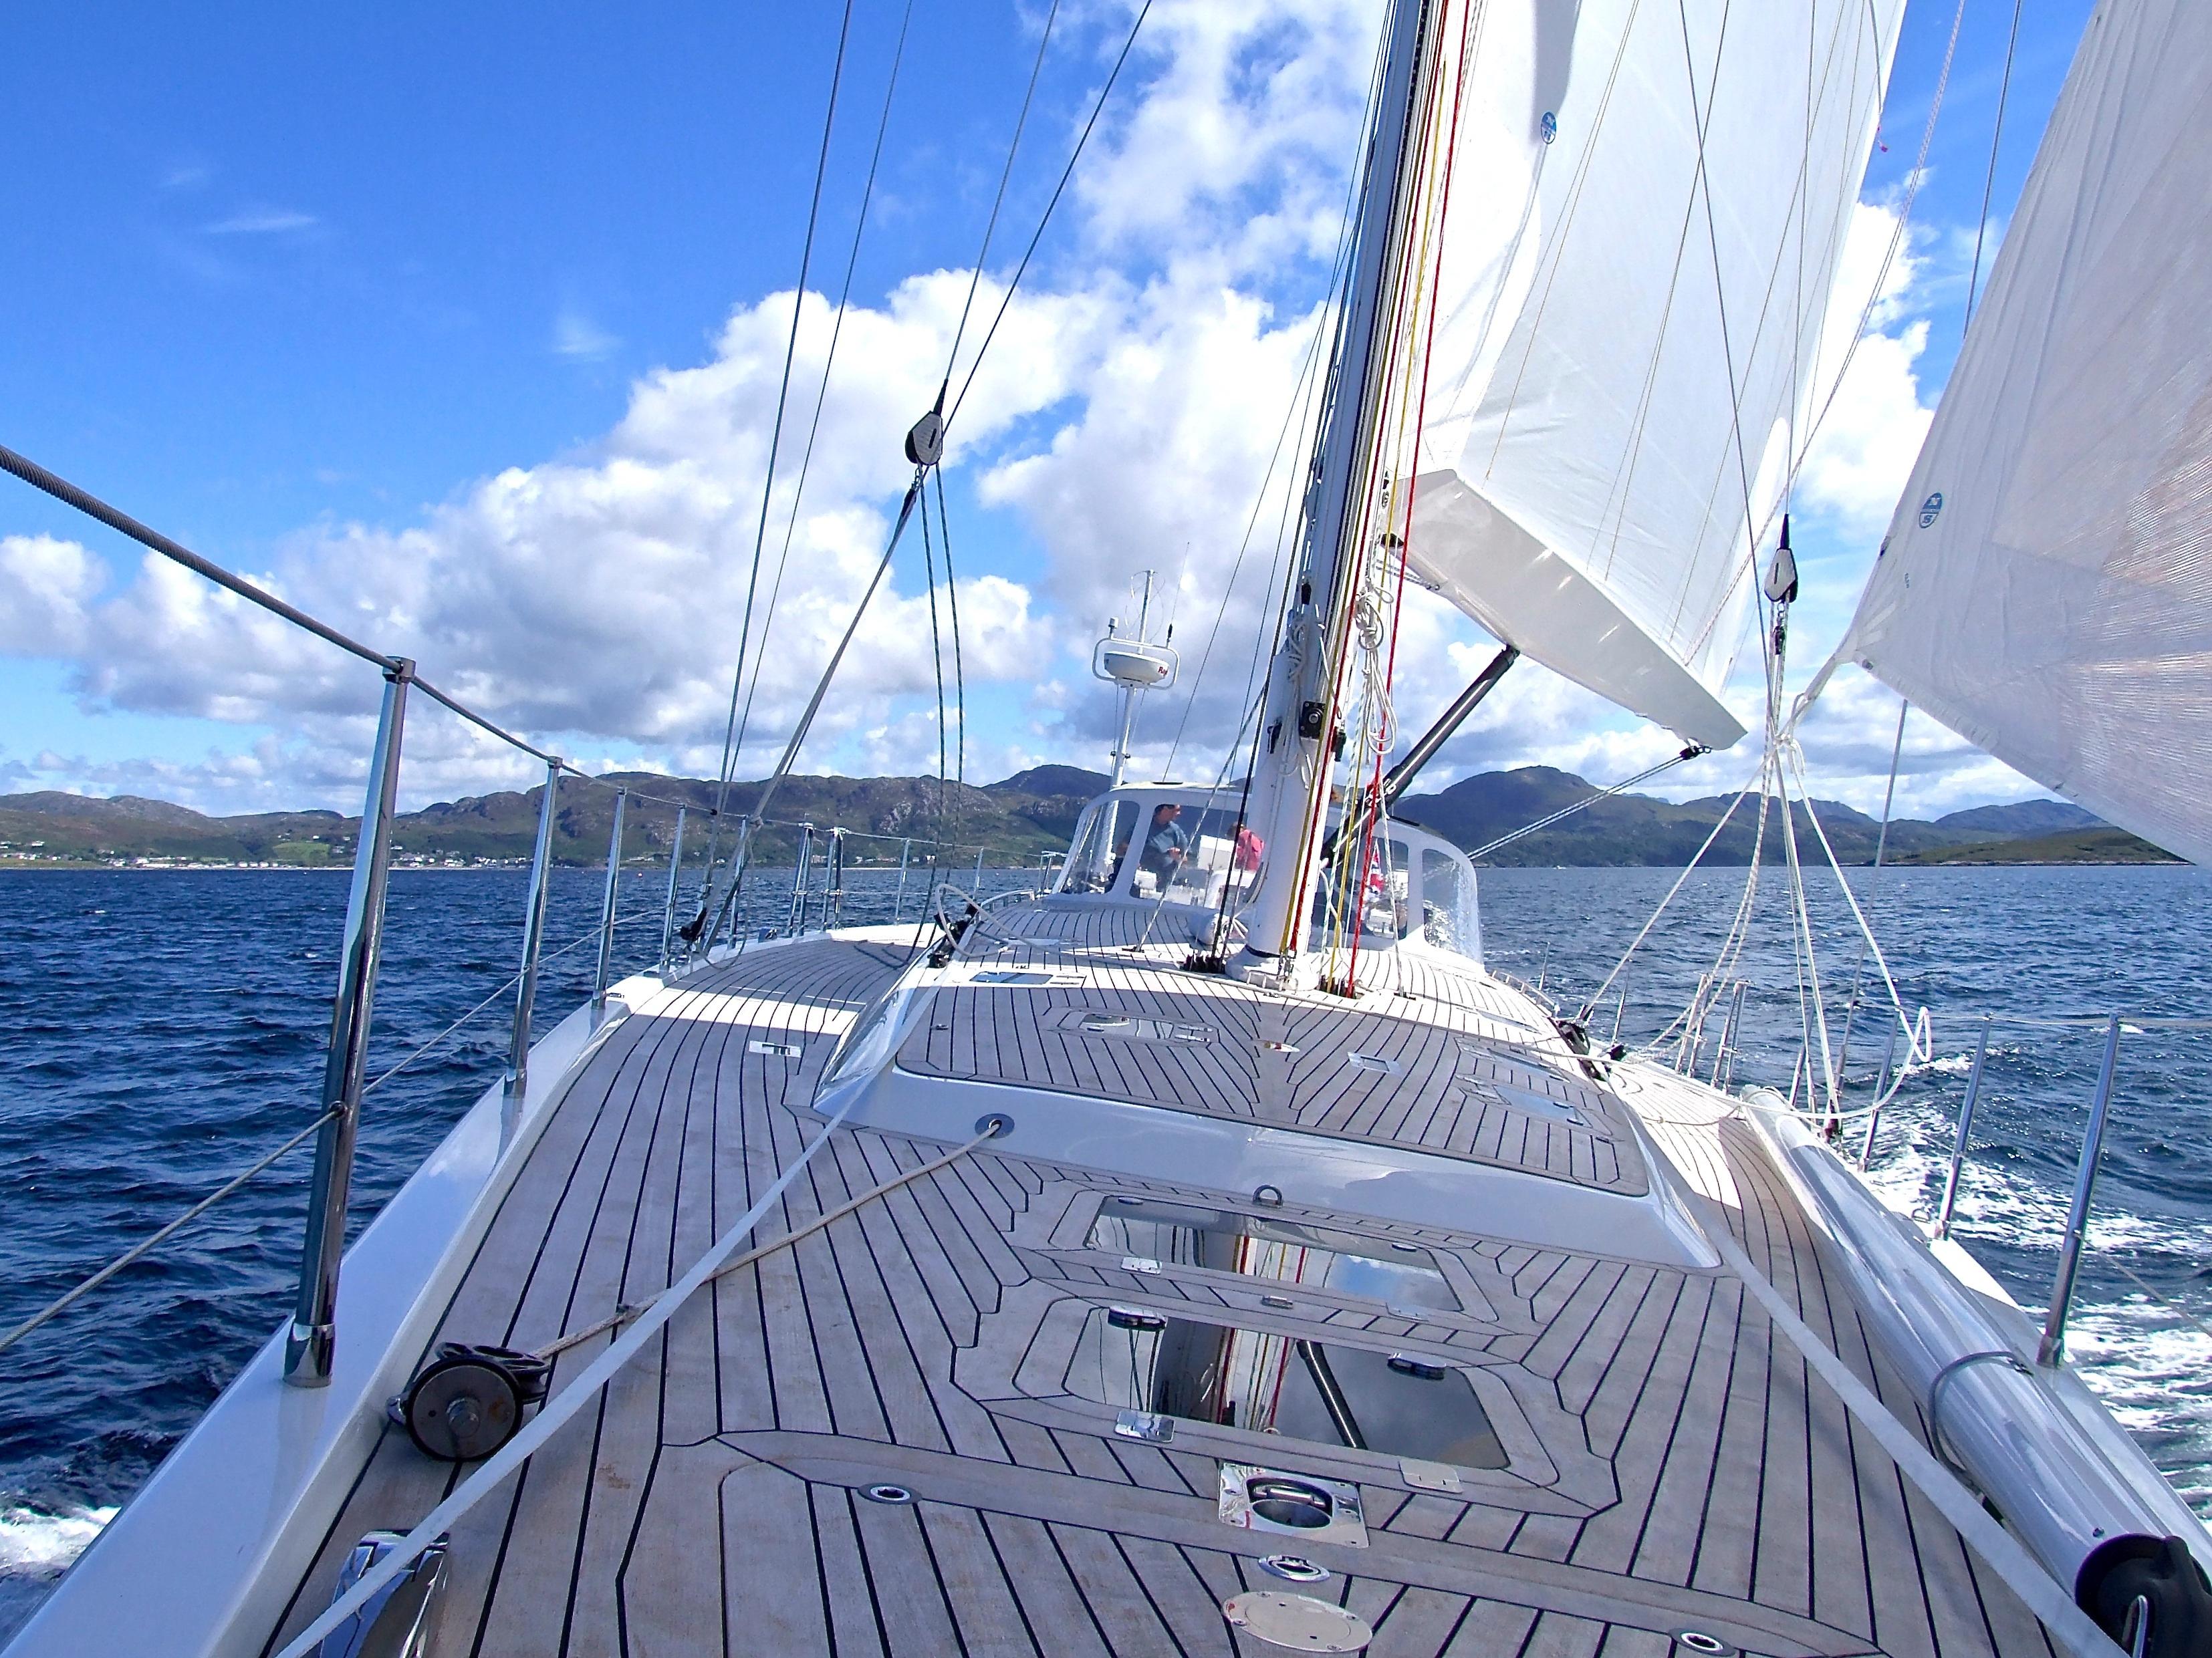 sea-water-ocean-sky-sun-boat-719763-pxhere.com